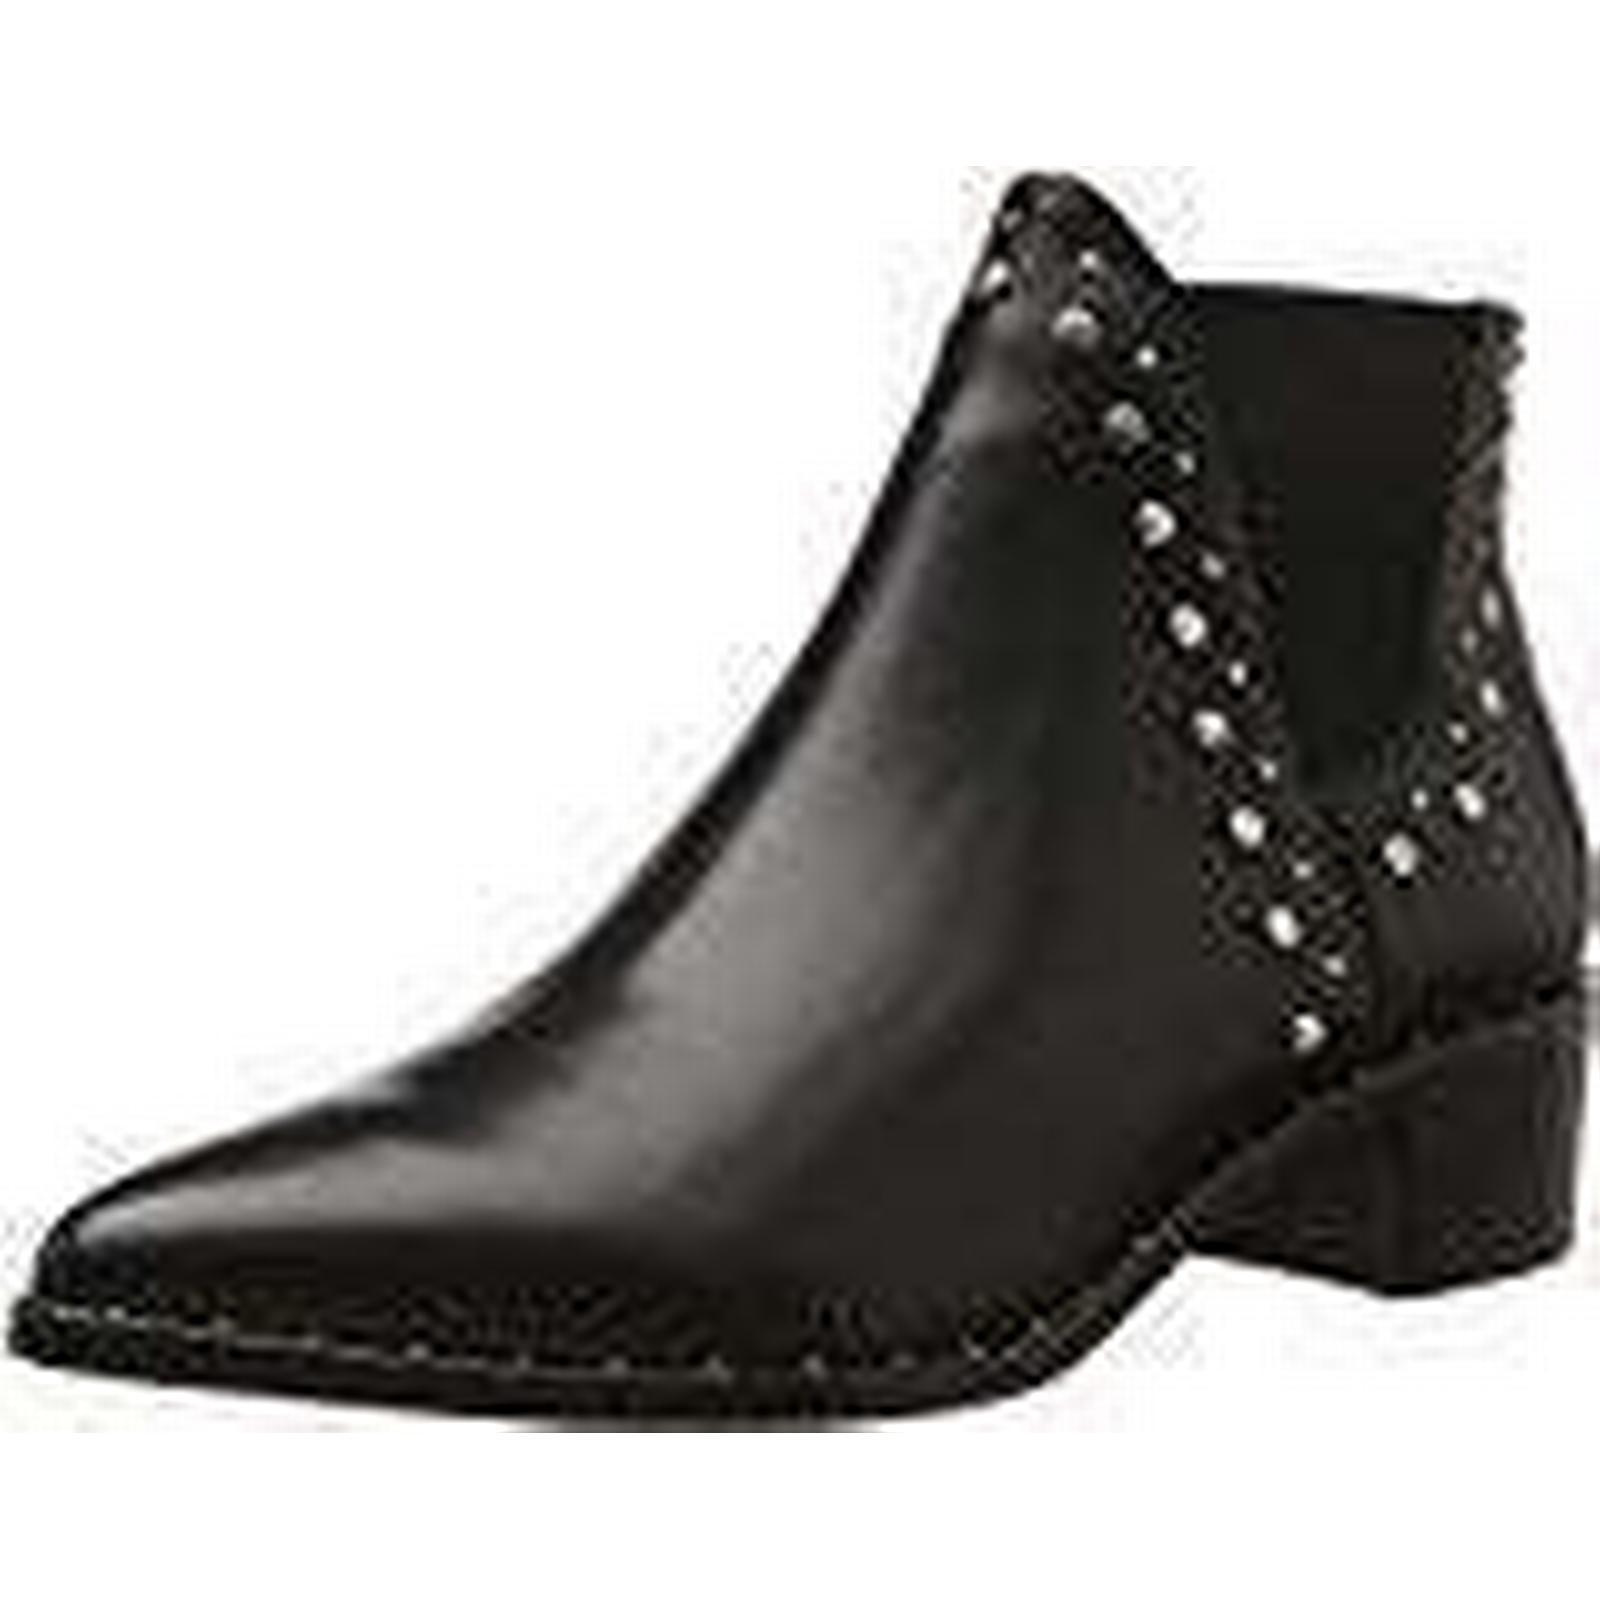 Steve Madden Women''s Doruss Bootie UK Chelsea Boots, Black, 3.5 UK Bootie df5655